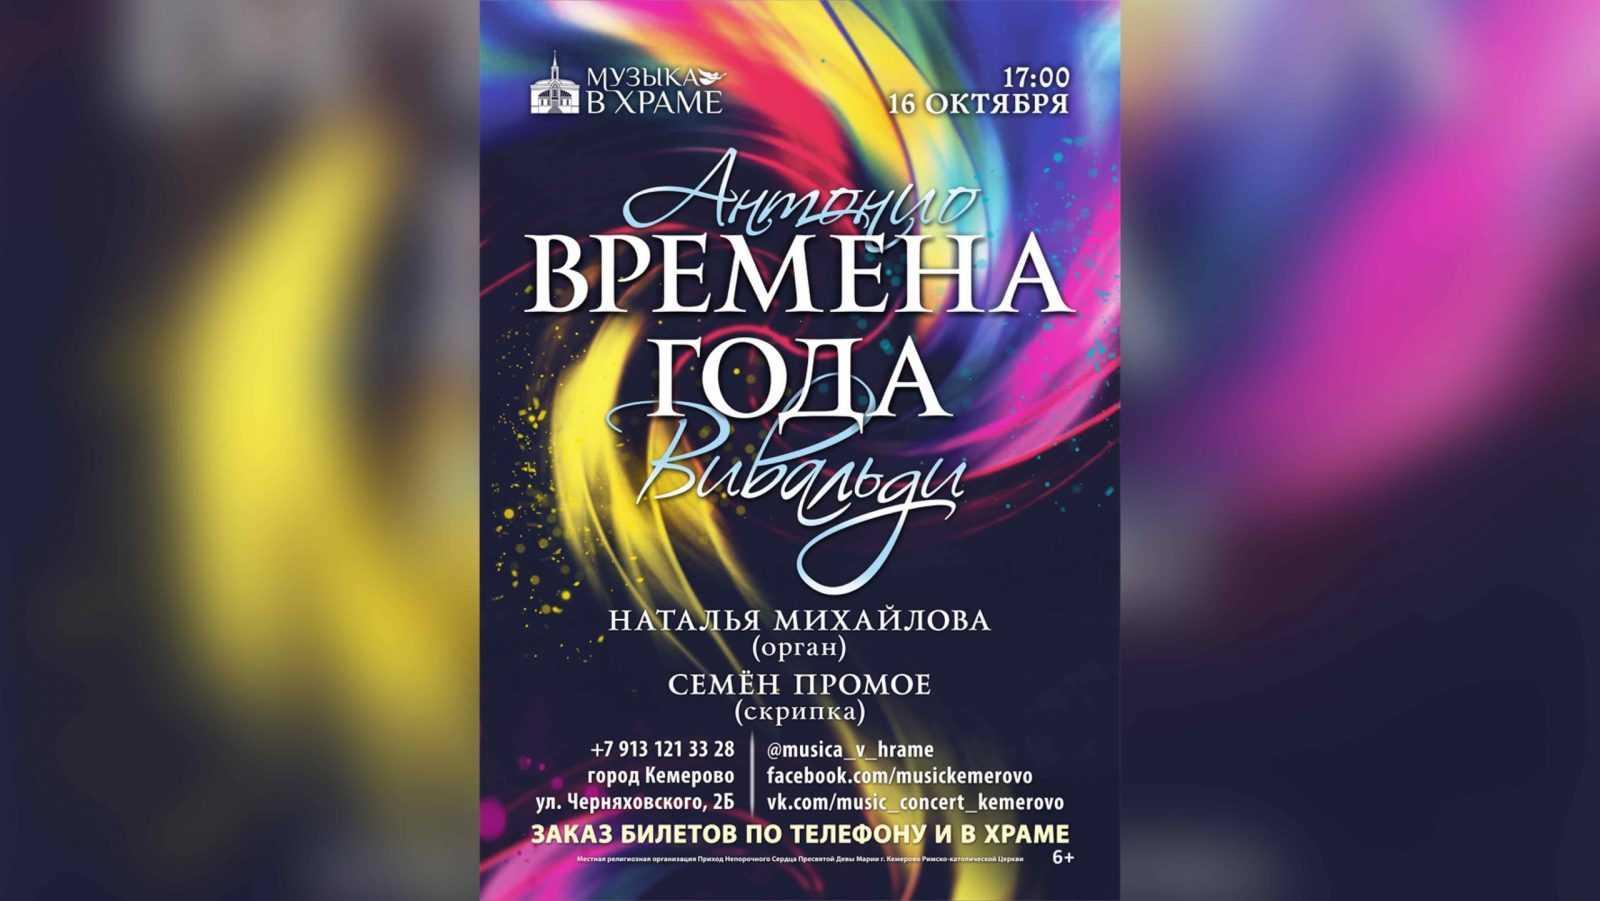 16 октября в 17:00 концерт «Времена года»